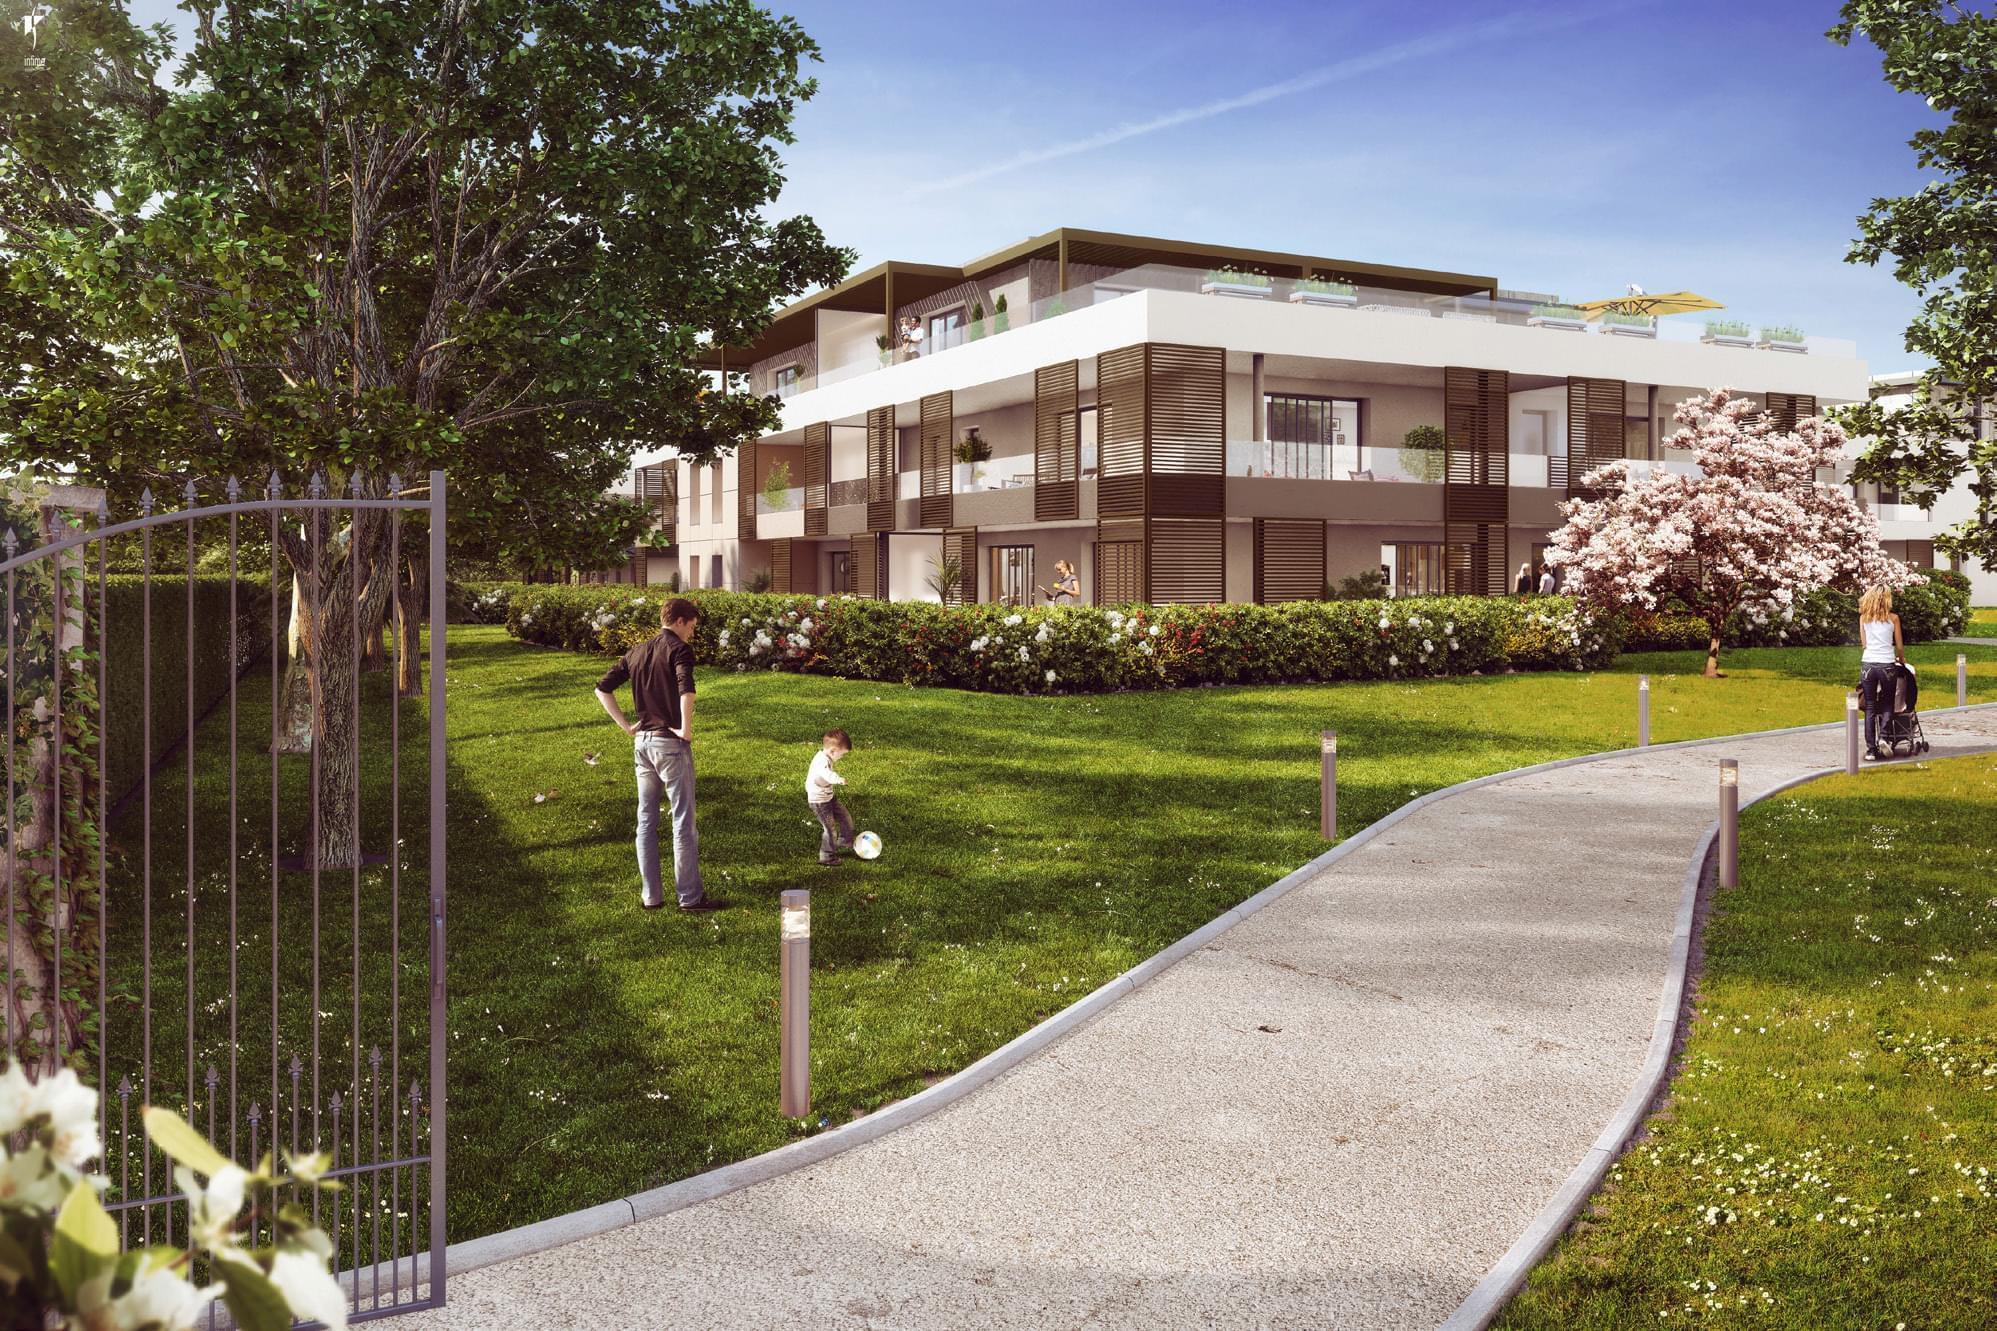 immobilier neuf proche annemasse acheter pour louer h ritage v traz monthoux t2 t3 t4 t5. Black Bedroom Furniture Sets. Home Design Ideas